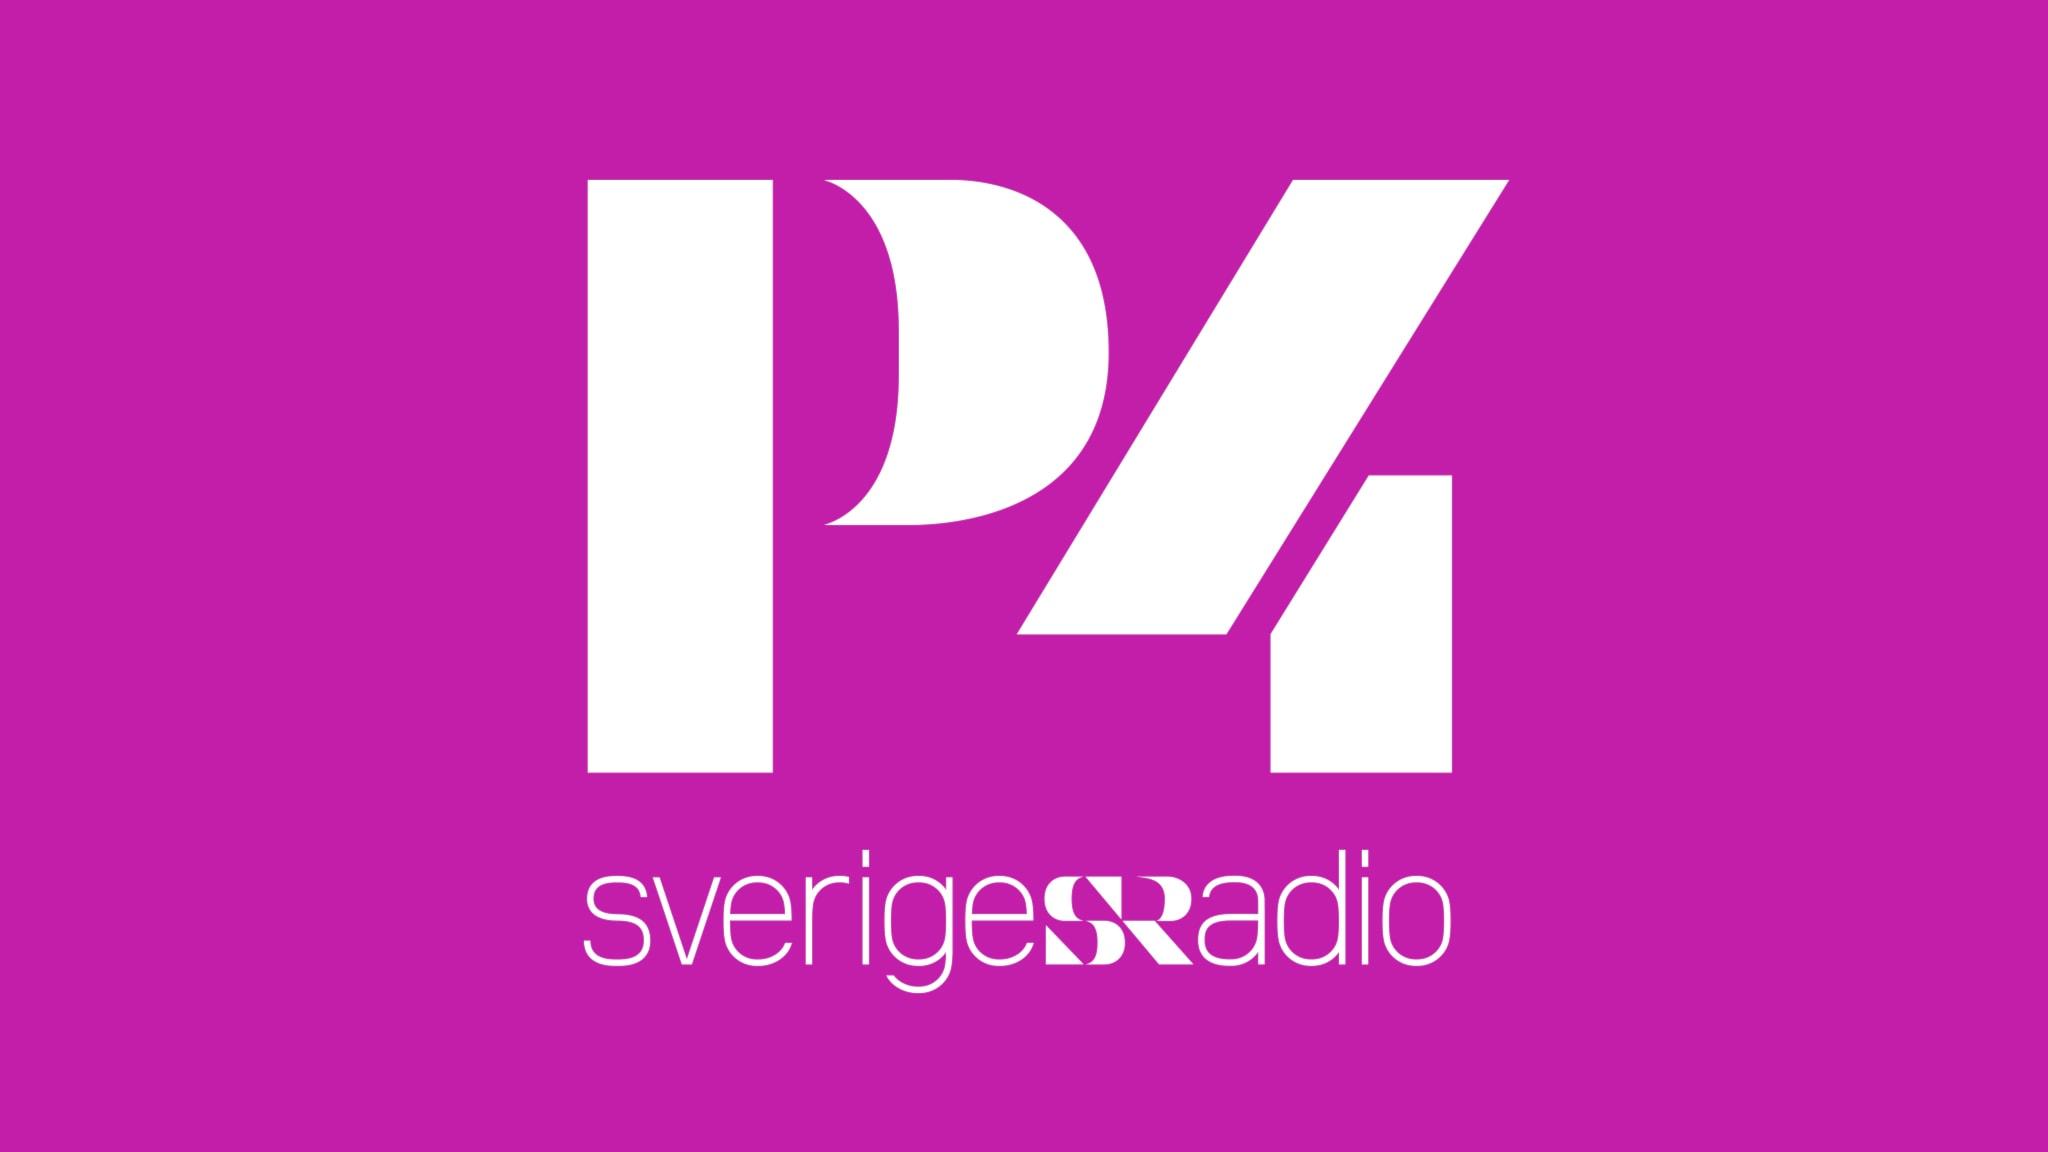 Trafik P4 Göteborg 20190625 09.08 (00.20)